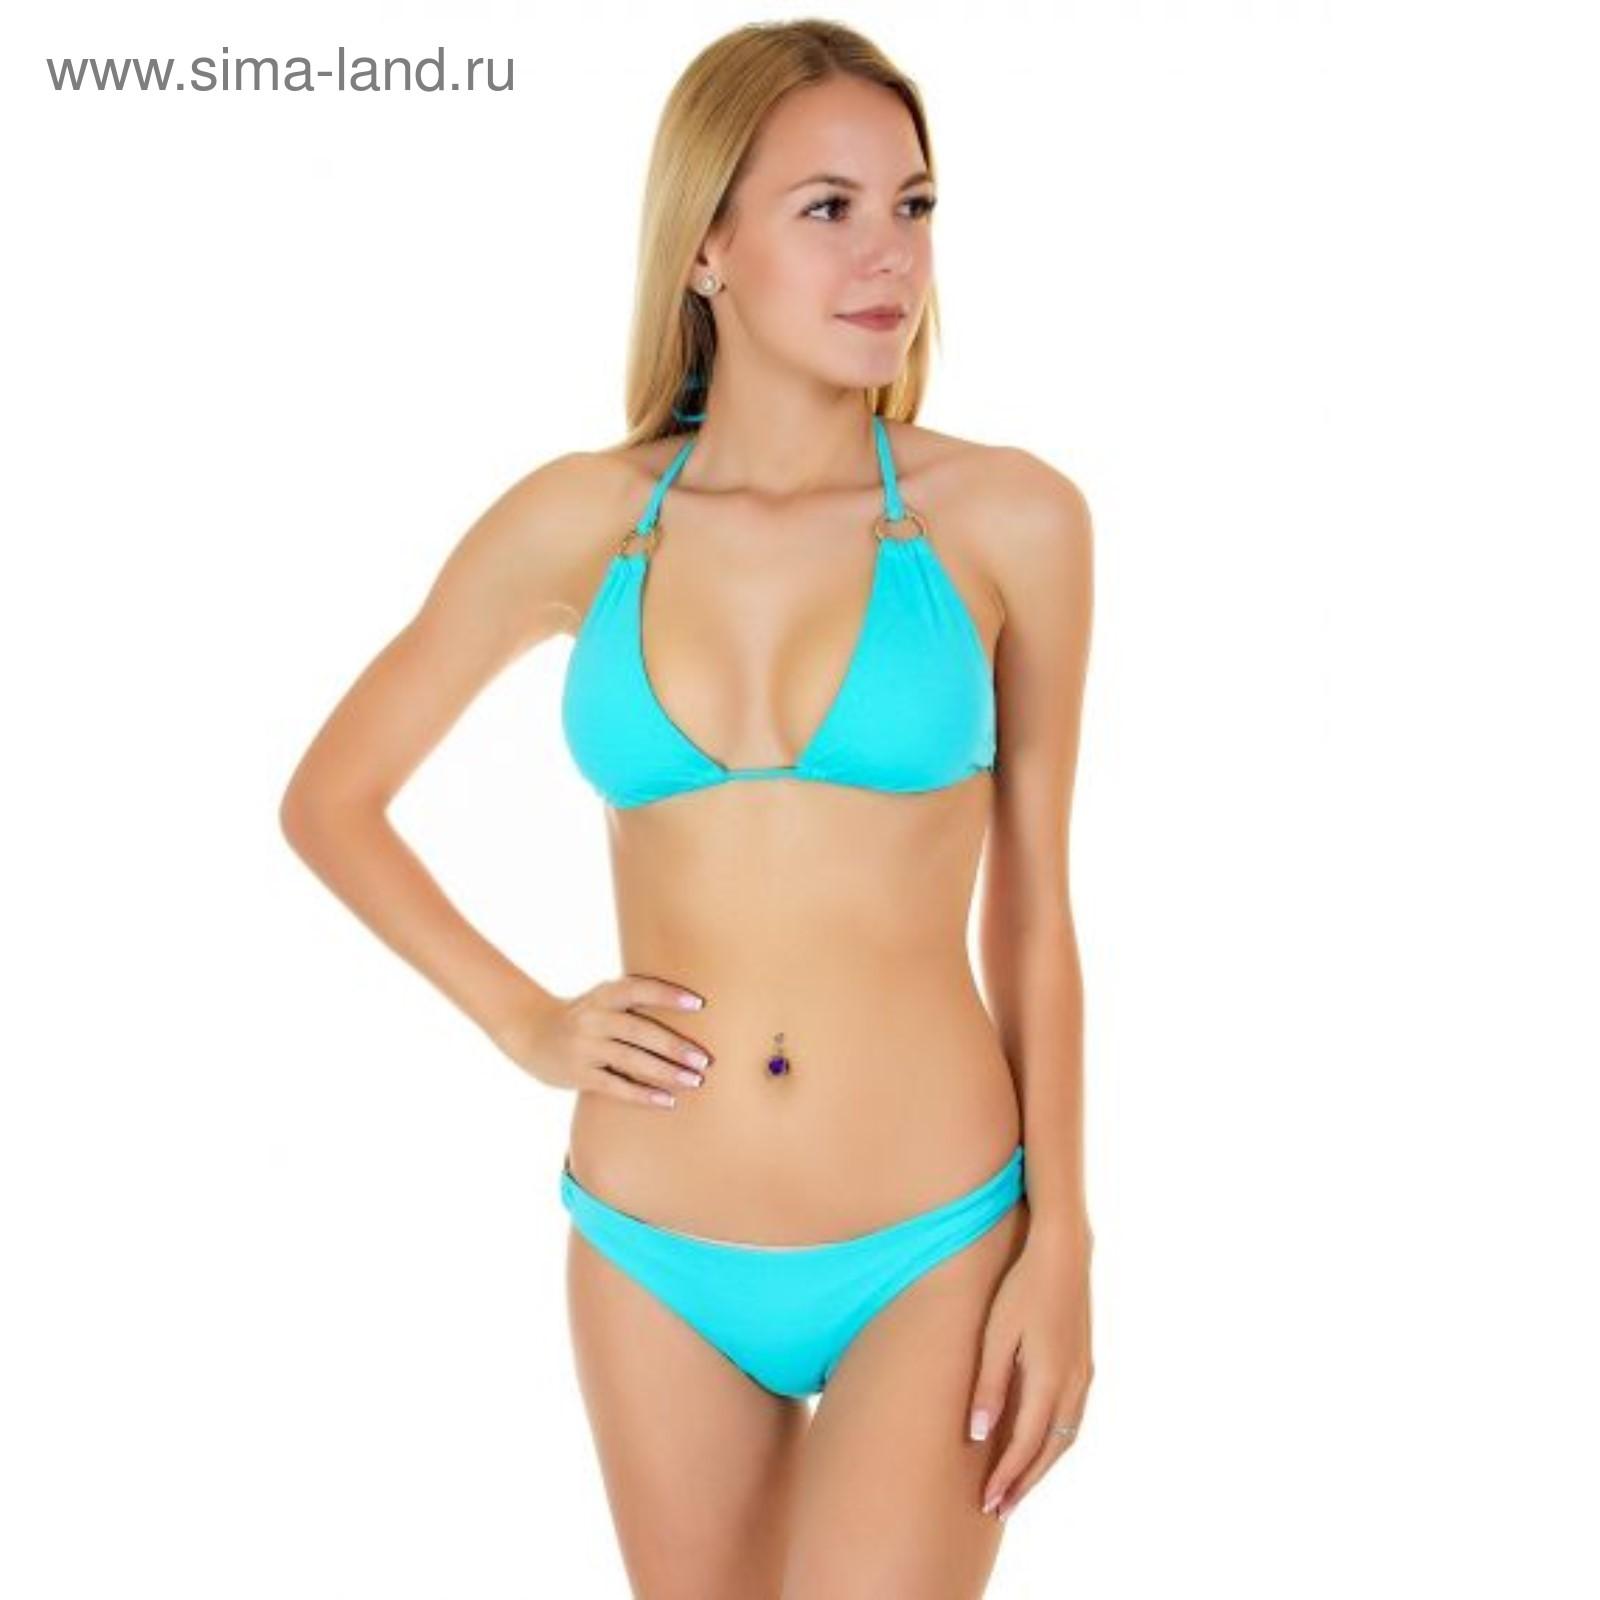 1d0f0b28c8cce Купальник женский раздельный 3883 цвет голубой, р-р 44-46 (M), чашка ...